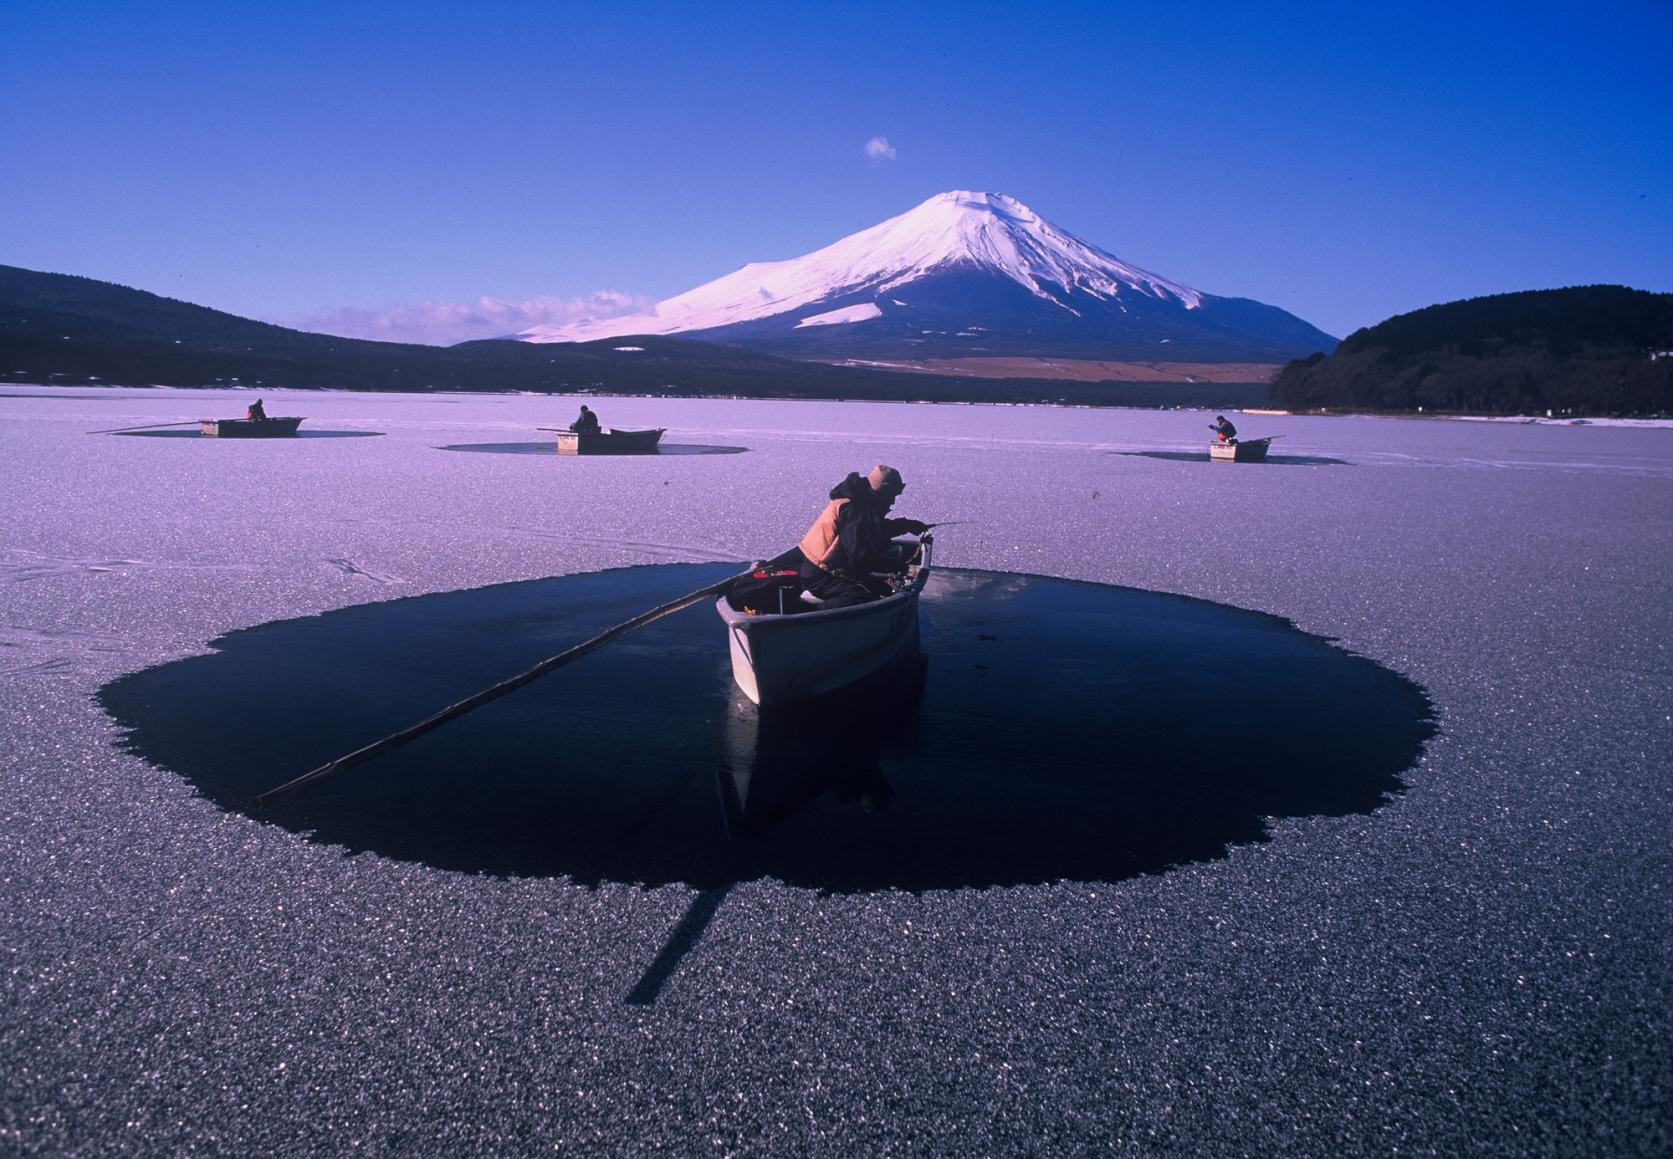 山中湖フォトグランプリ 2011年度 入選作品-1